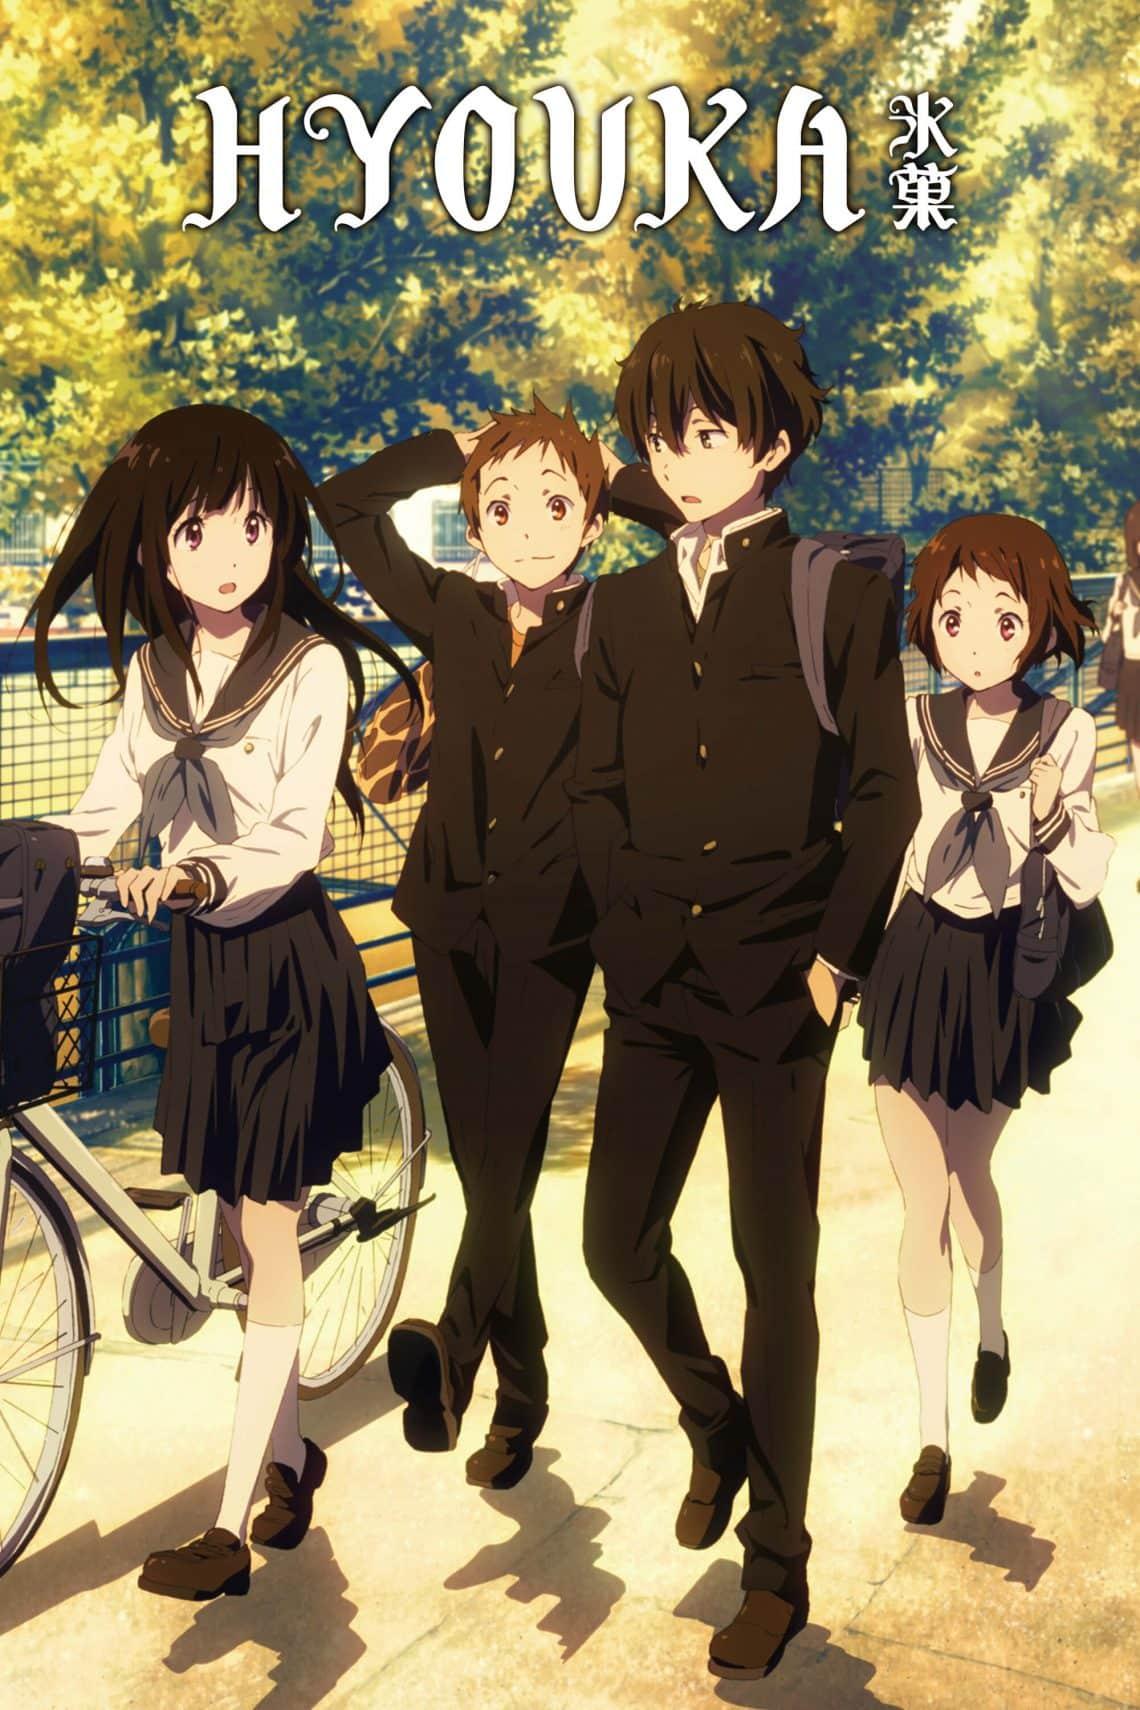 Anime học đường nhẹ nhàng Hyouka